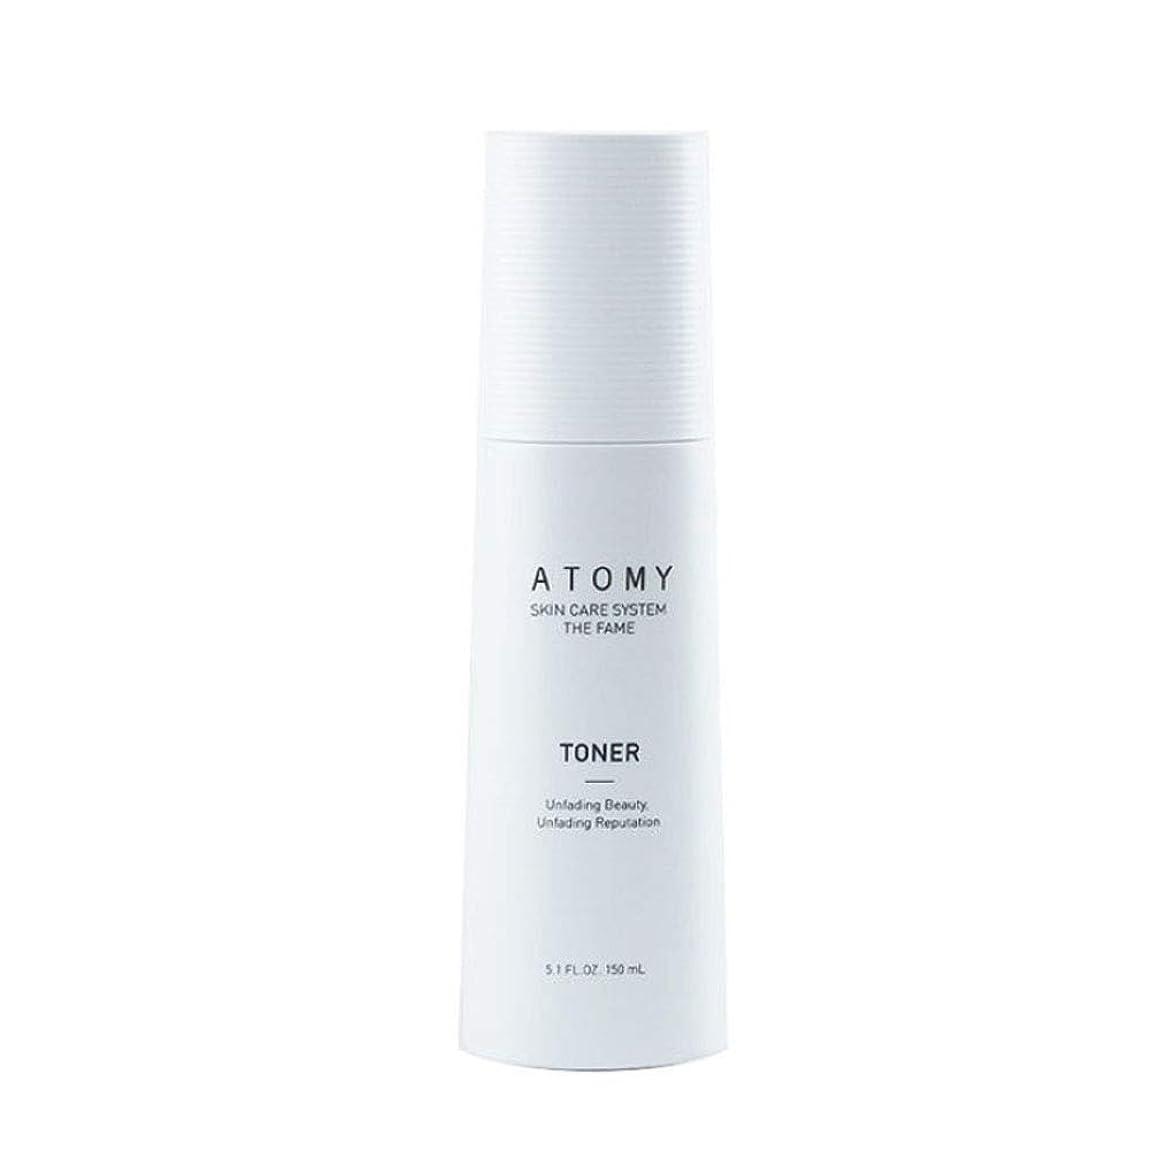 純度世論調査手配するアトミザ?フェームトナー150ml韓国コスメ、Atomy The Fame Toner 150ml Korean Cosmetics [並行輸入品]